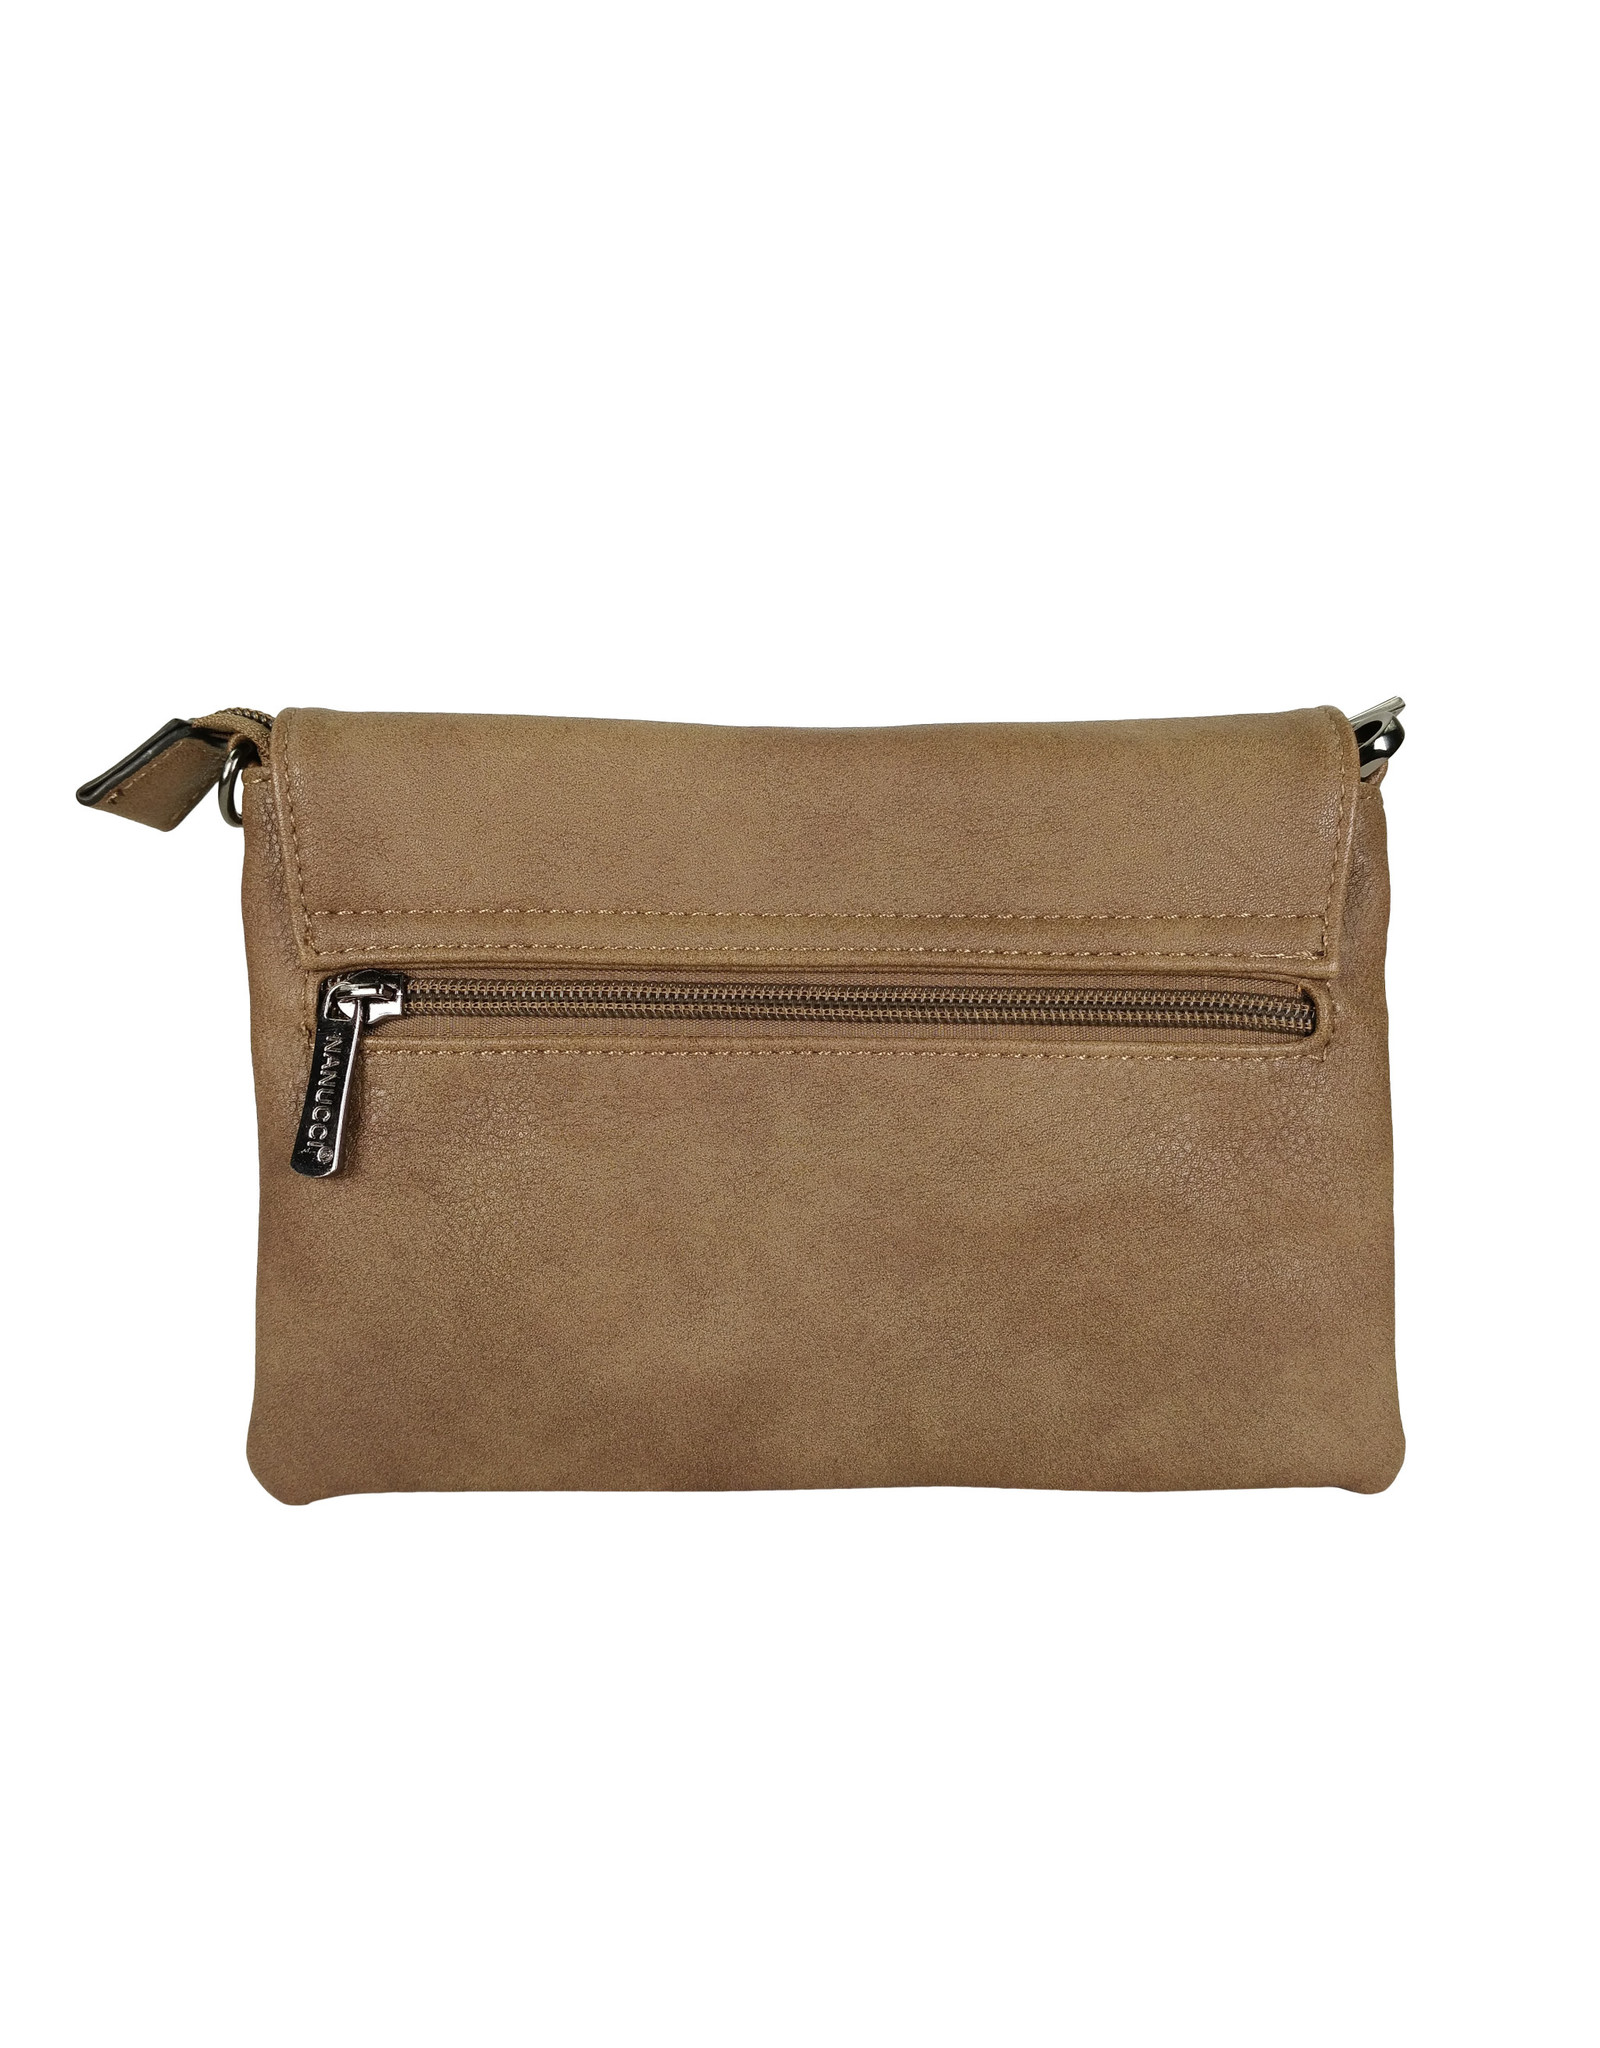 Handtasje/clutch taupe